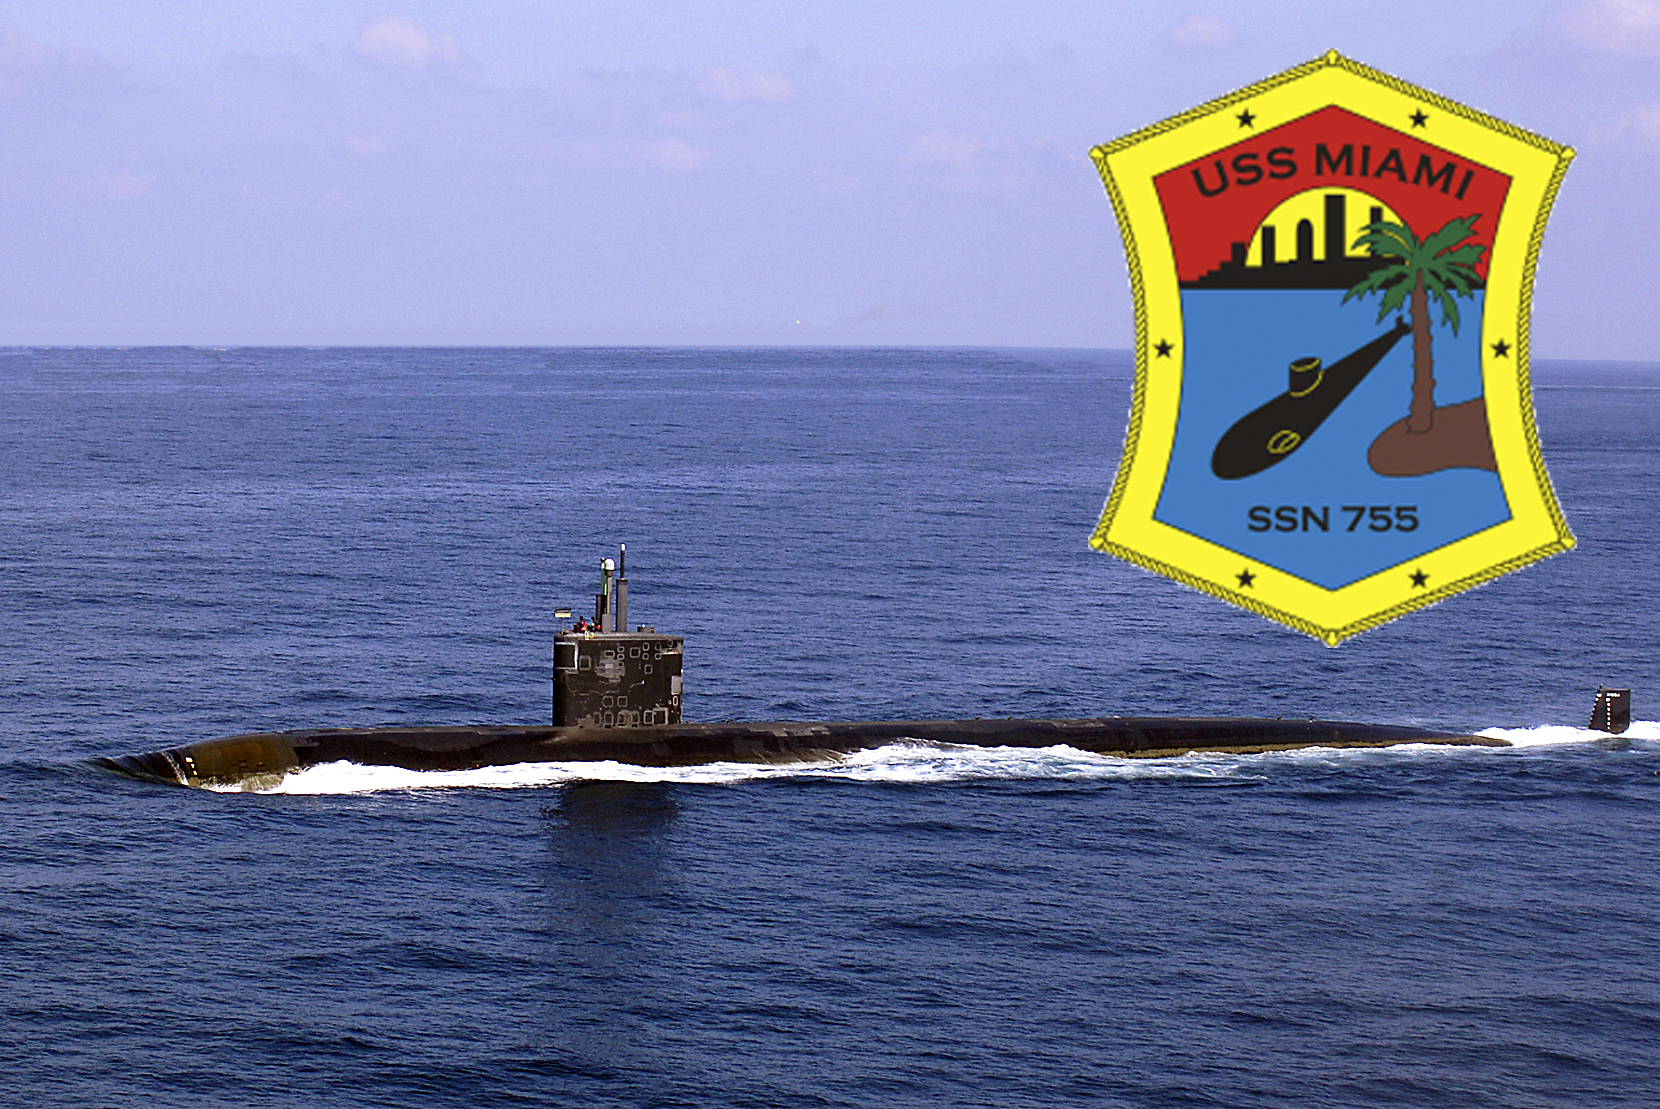 USS MIAMI SSN-755Bild und Grafik: U.S. Navy